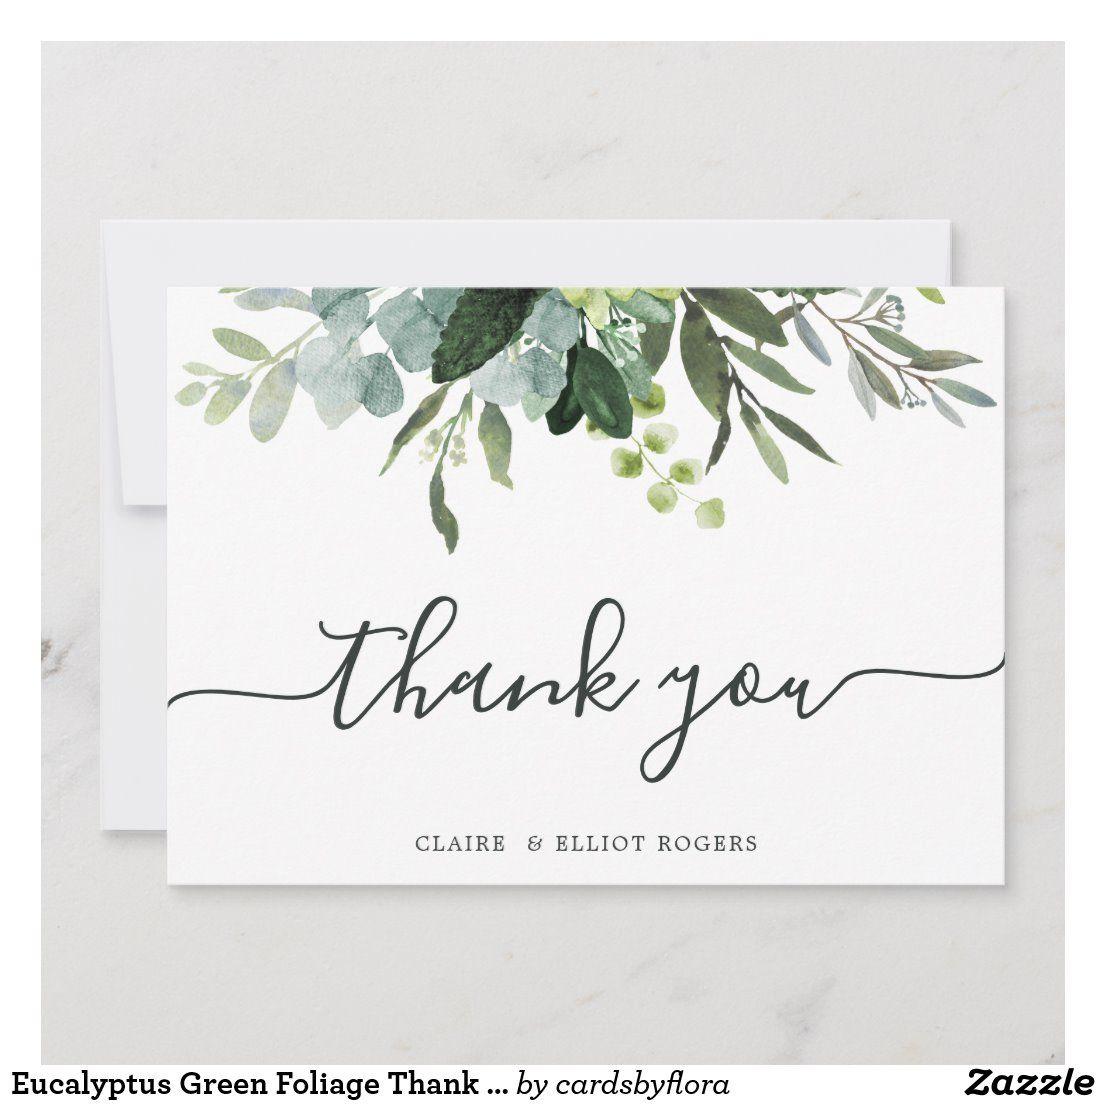 Eucalyptus Green Foliage Thank You Card   Zazzle.com -   15 wedding Card watercolor ideas